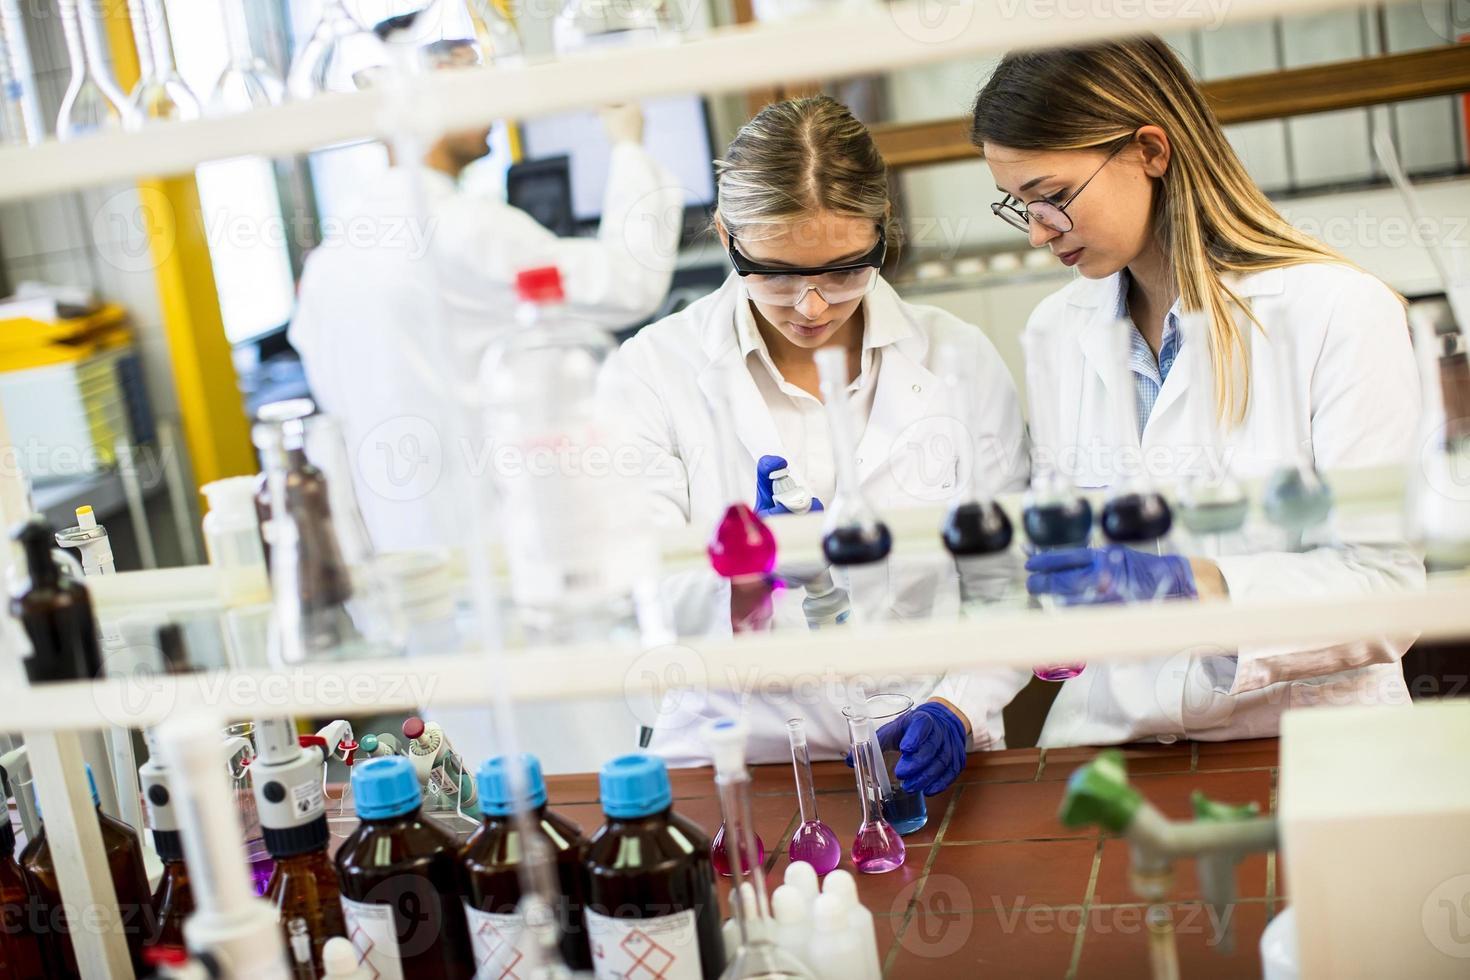 ricercatrici in camice bianco che lavorano in laboratorio foto